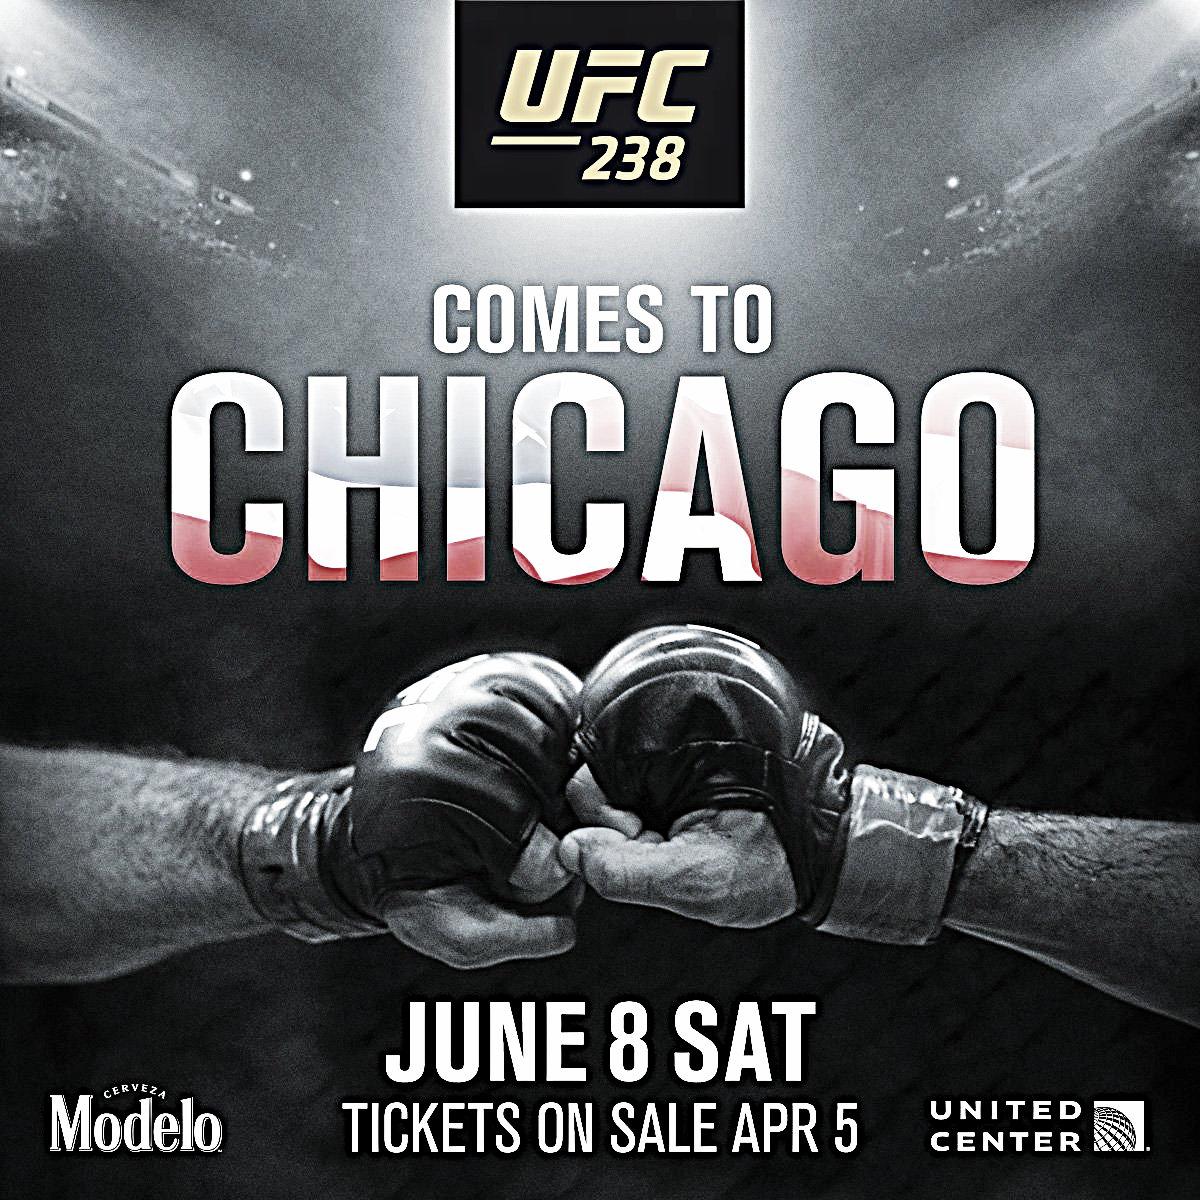 UFC 238 reservado para el United Center en Chicago